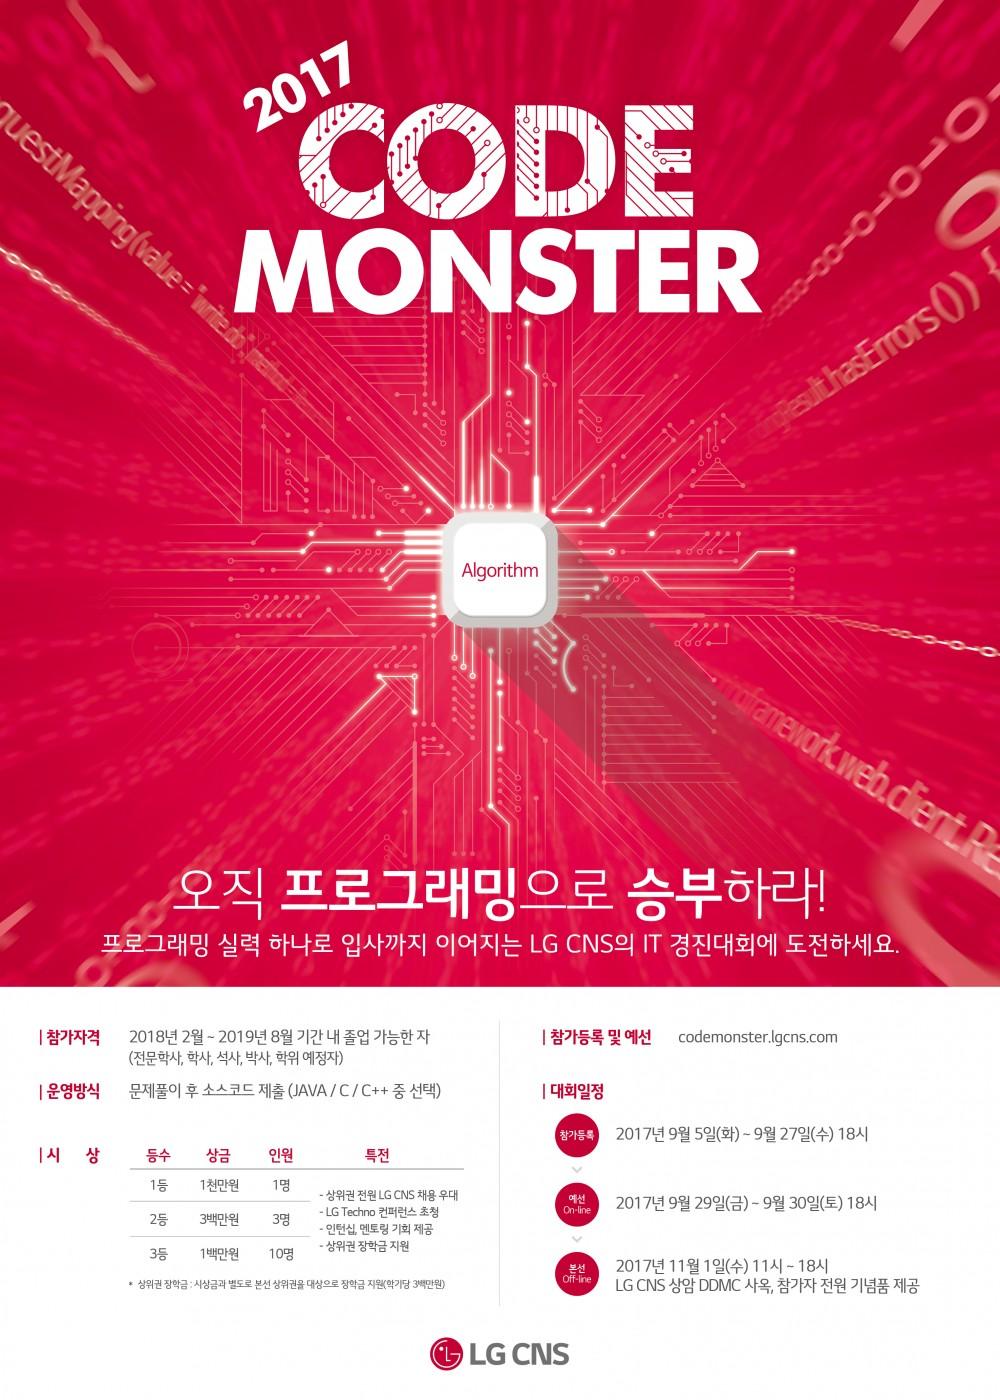 첨부1) 2017 LG CNS 코드몬스터_포스터.jpg